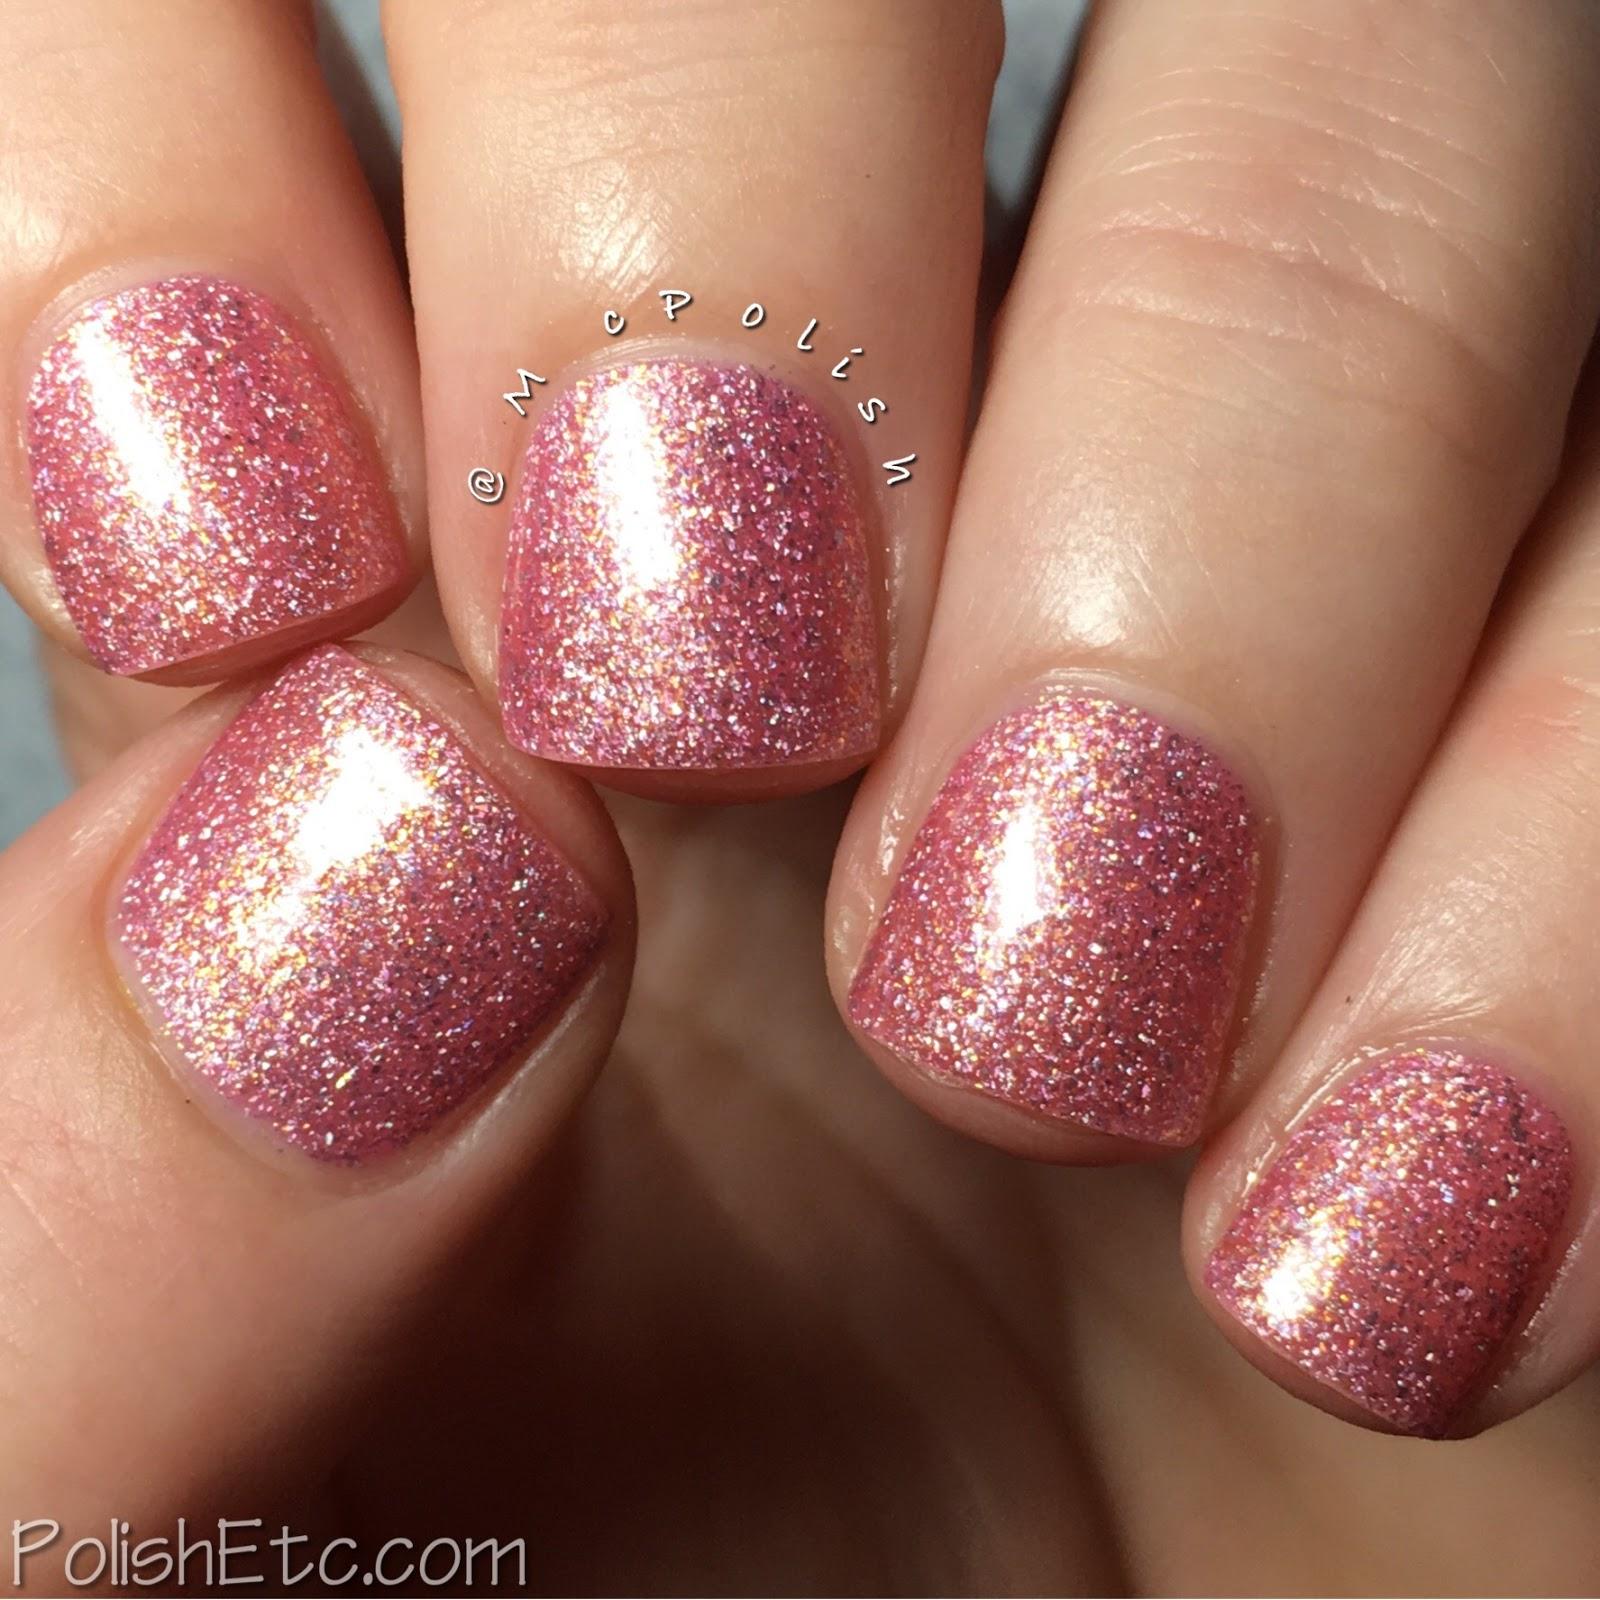 Takko Lacquer - Pink Rhodonite - McPolish